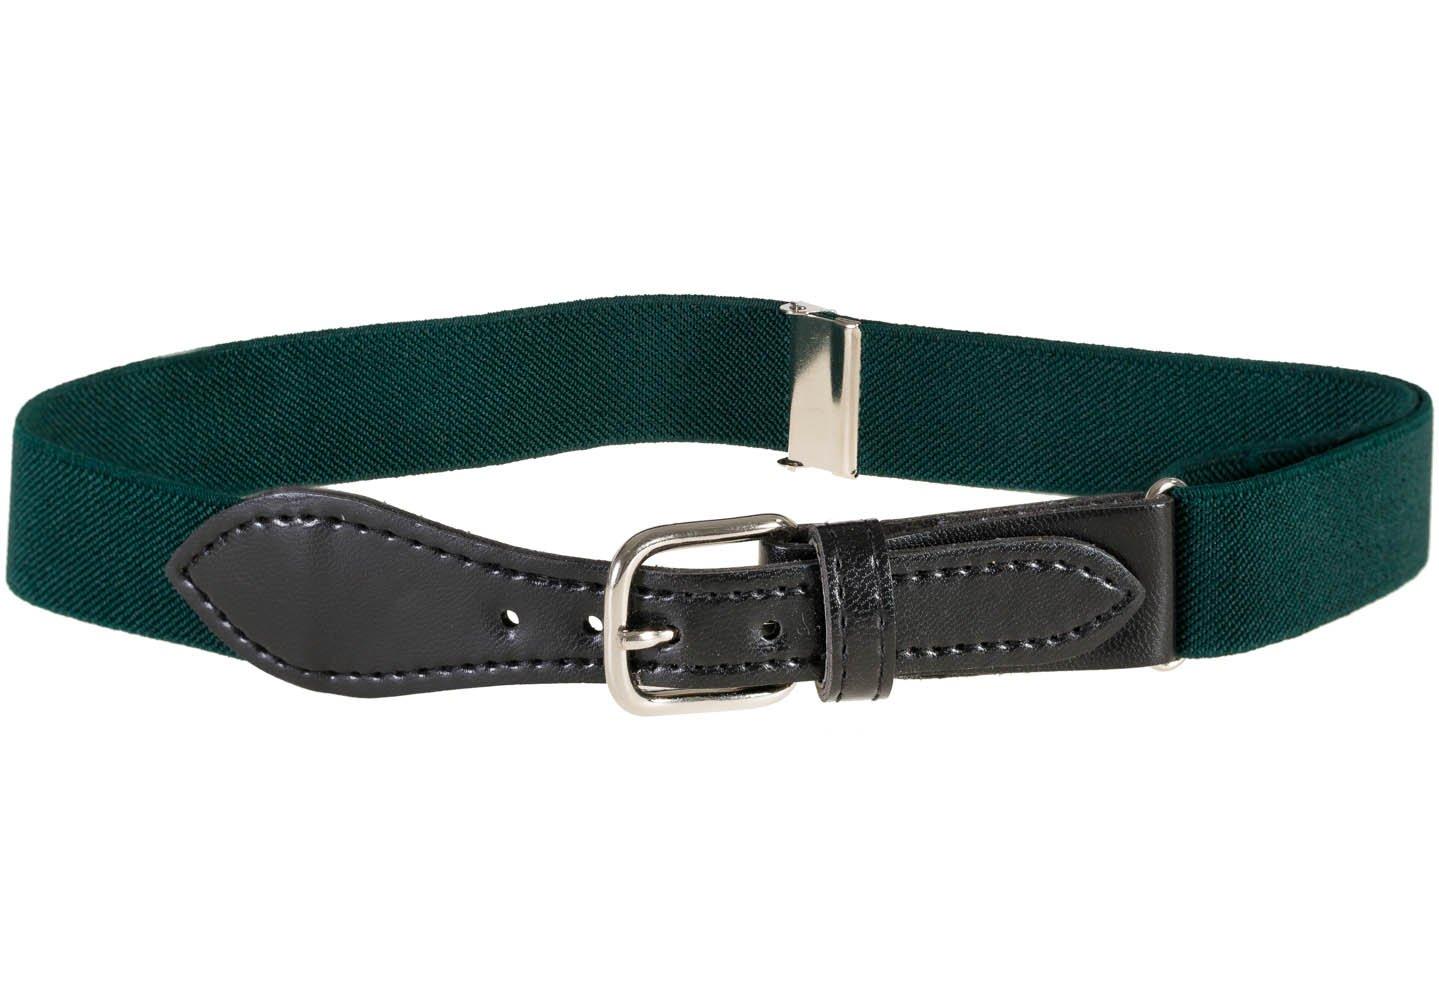 Kids Elastic Adjustable Strech Belt with Leather Closure - Black Hold' Em